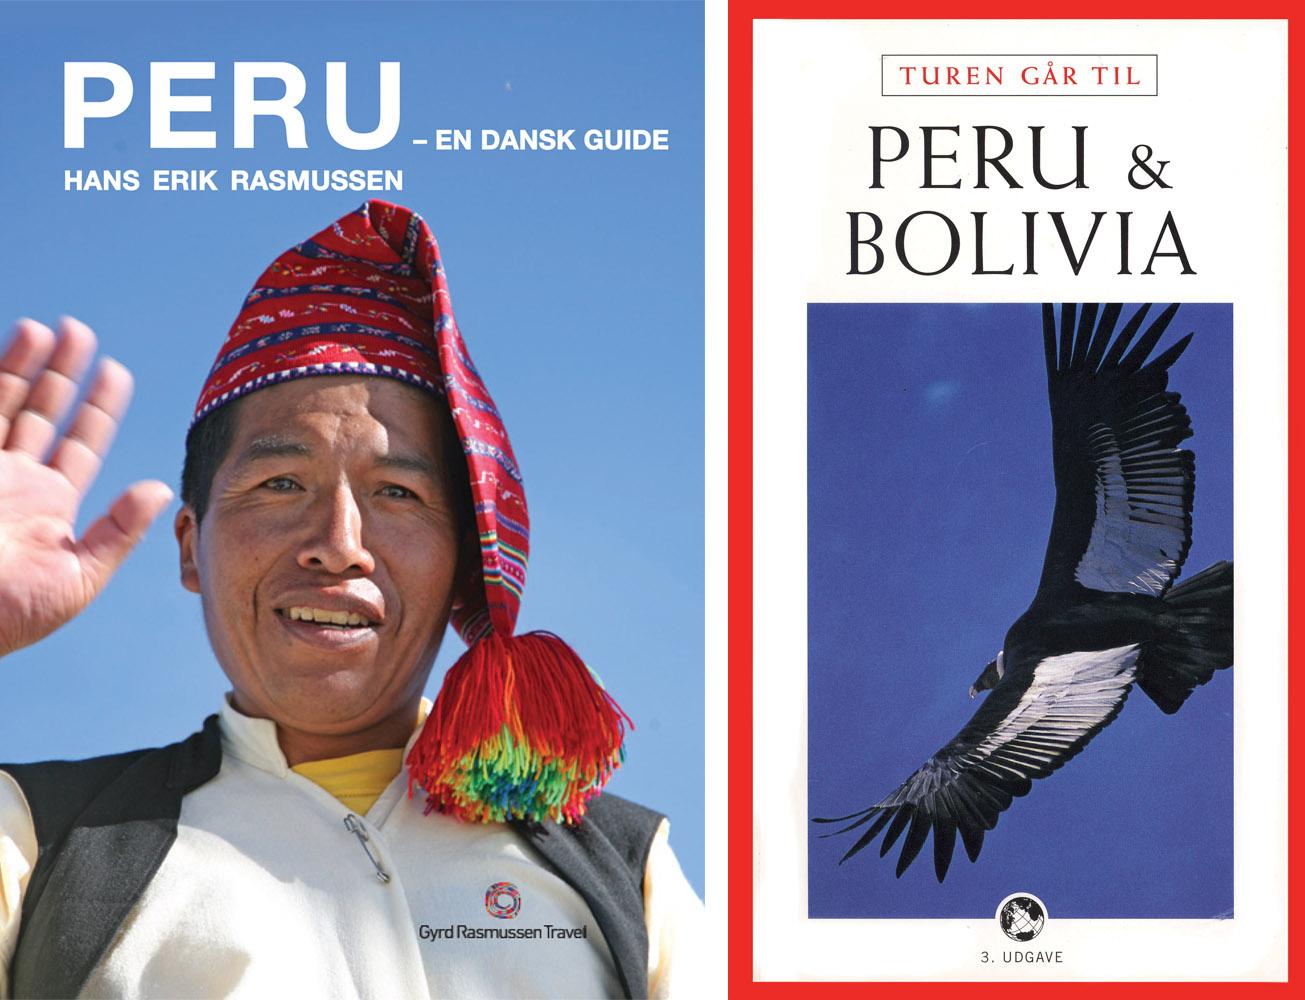 TGT og Peru en dansk